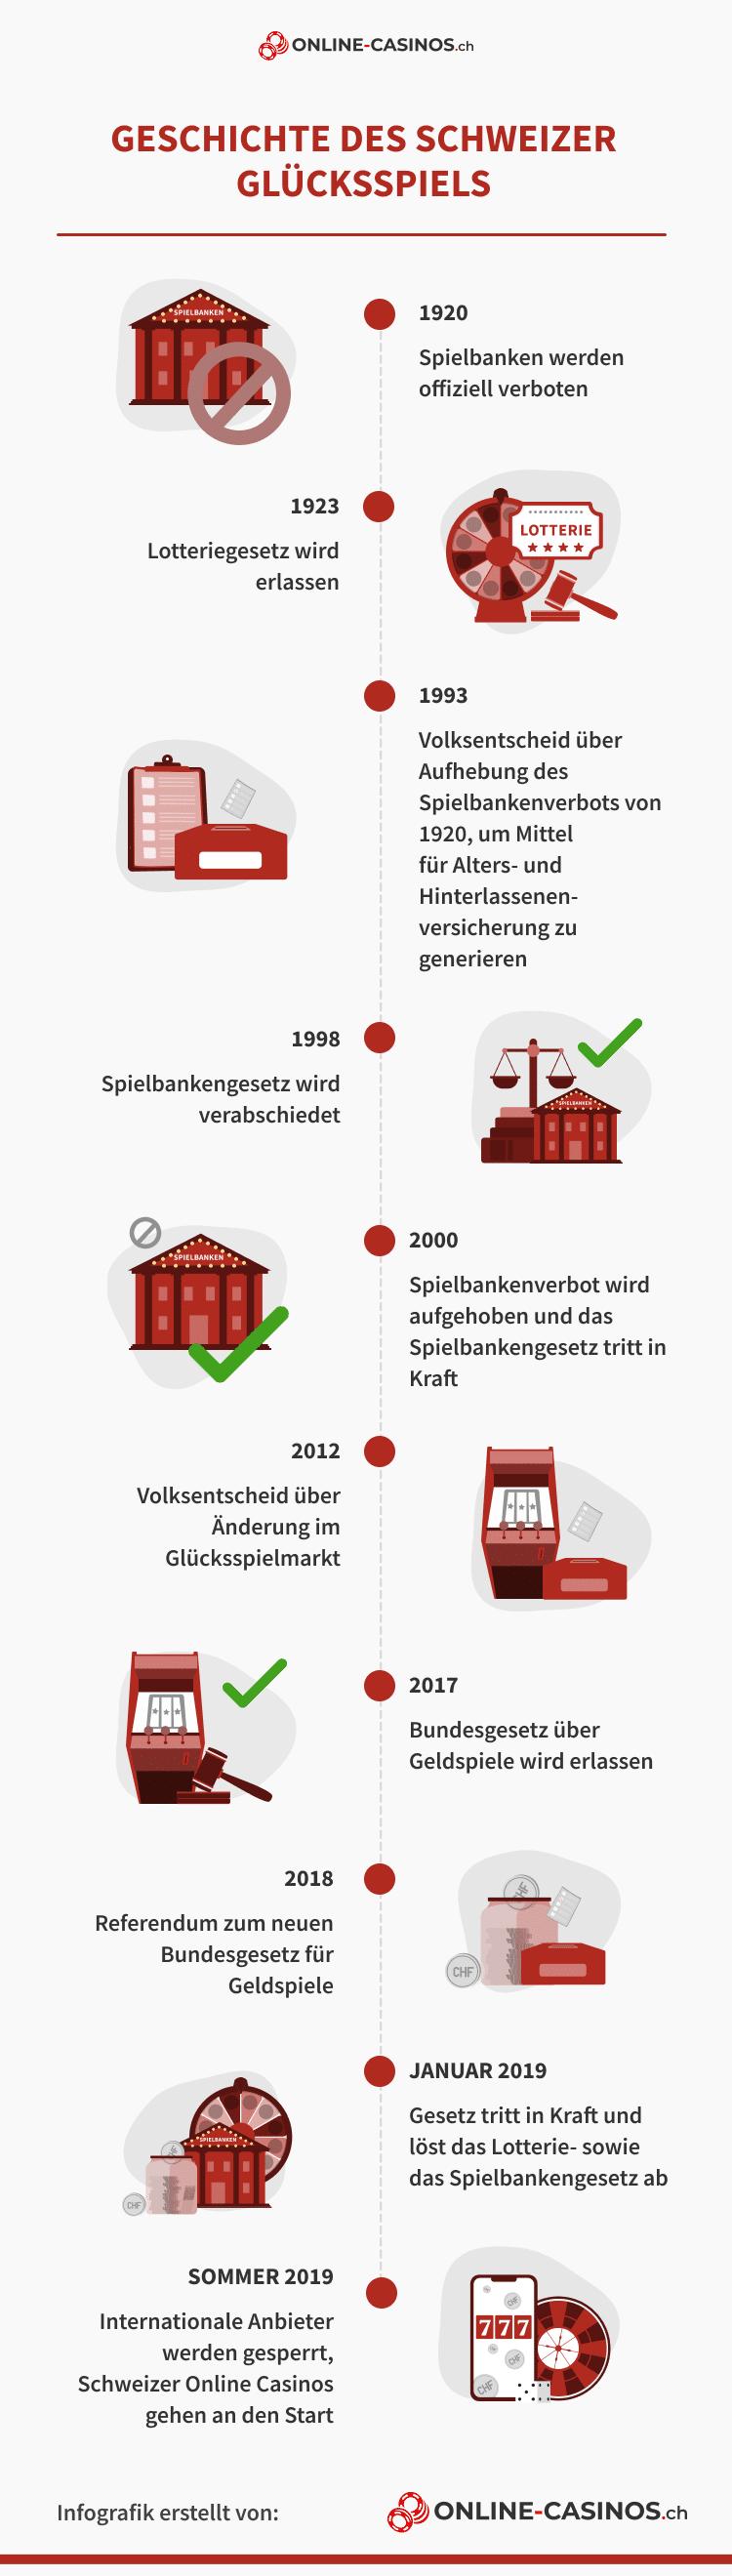 Schweizer Glücksspiel Geschichte